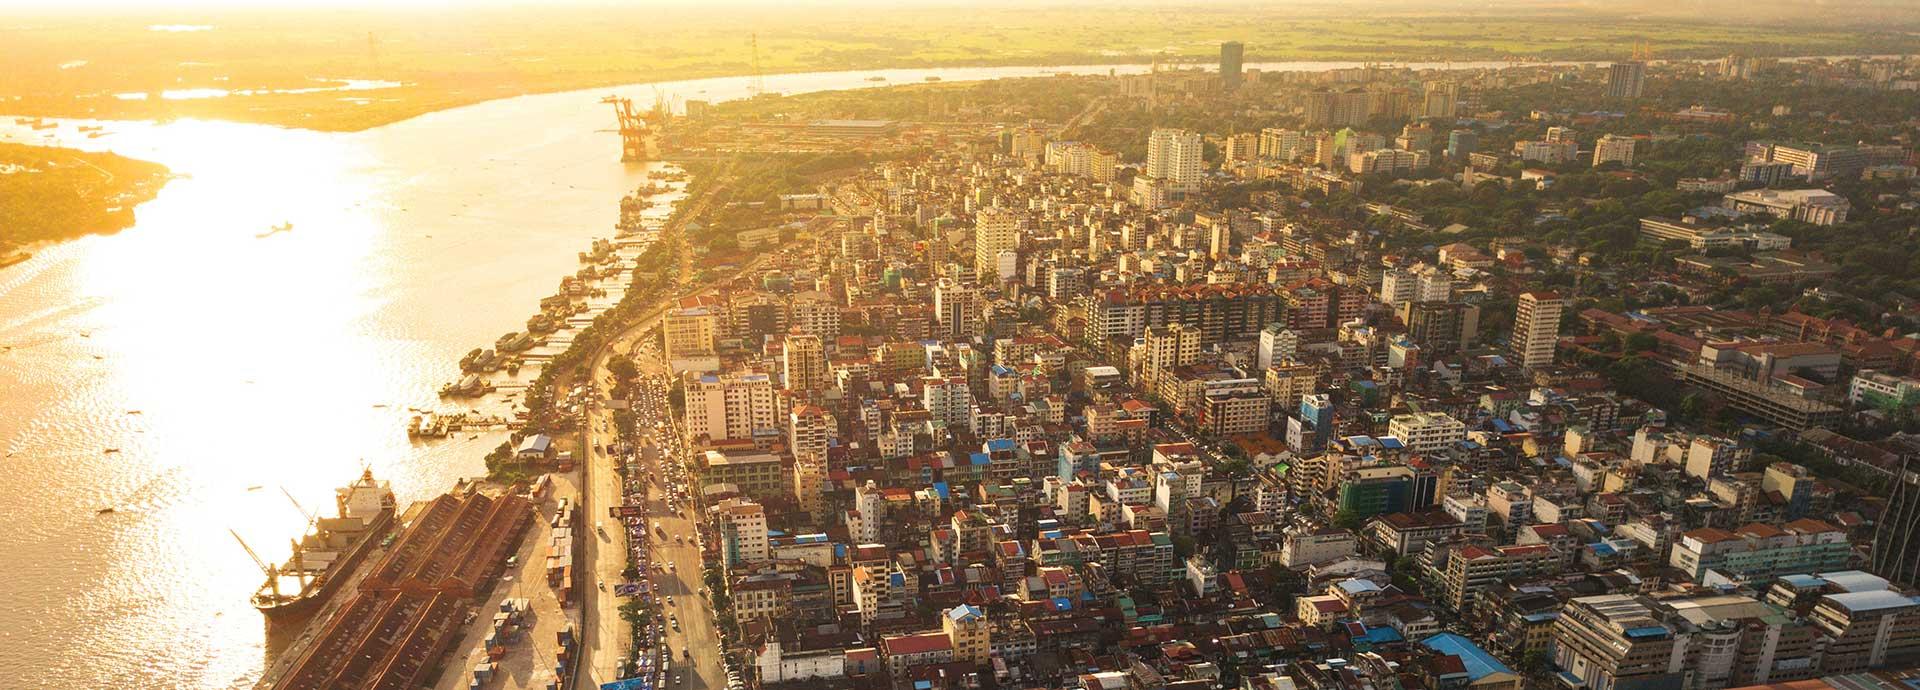 Energising Myanmar's industrial zones